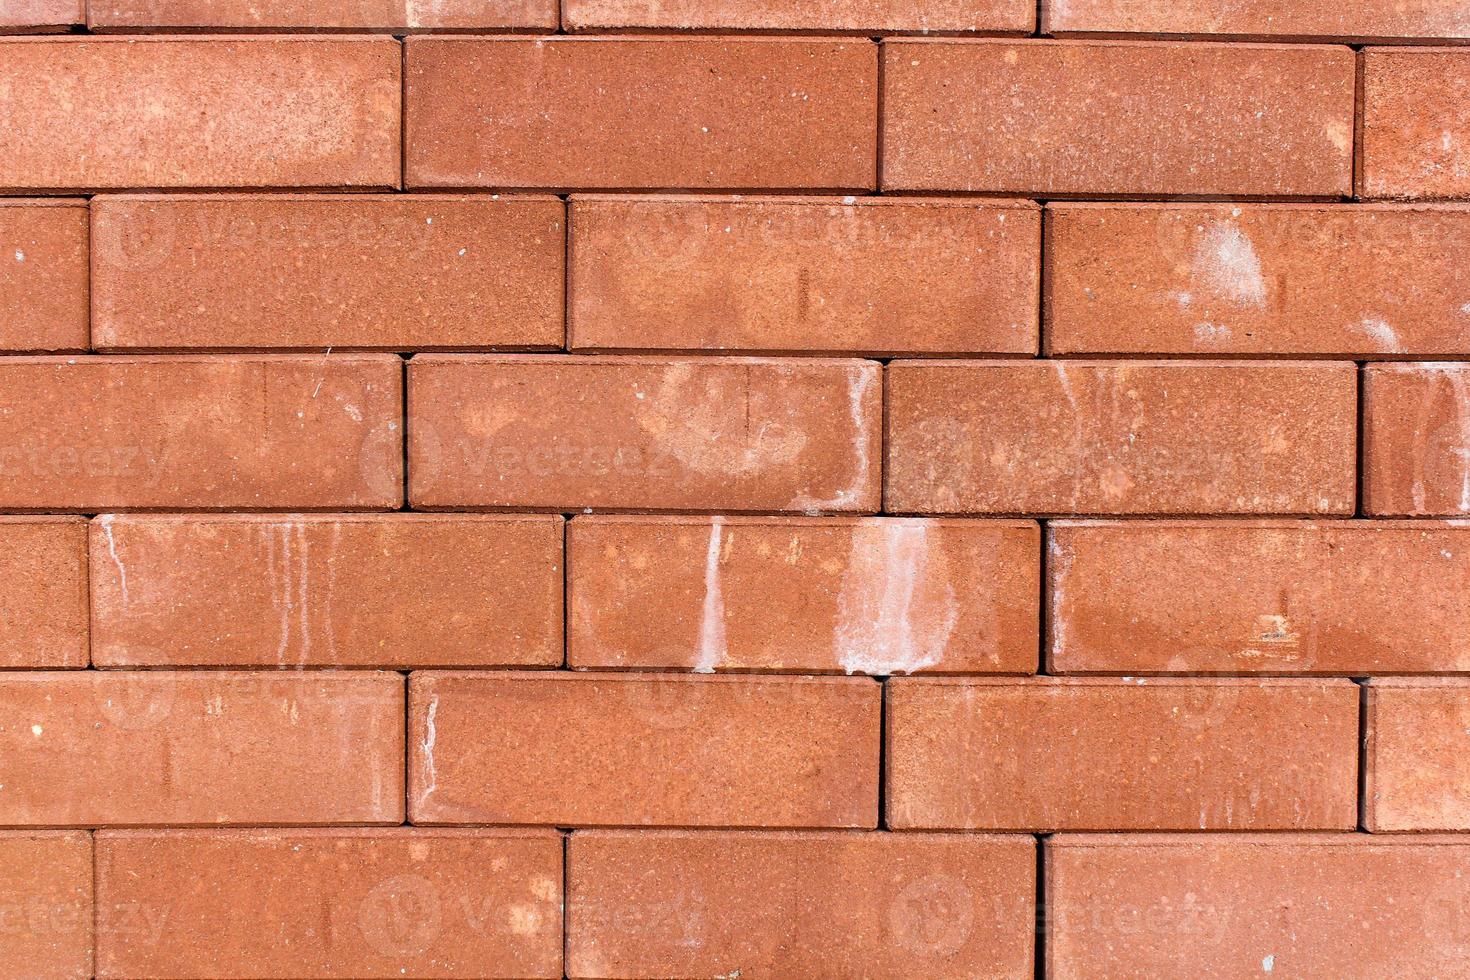 orange blockvägg kan användas för bakgrundsstruktur foto